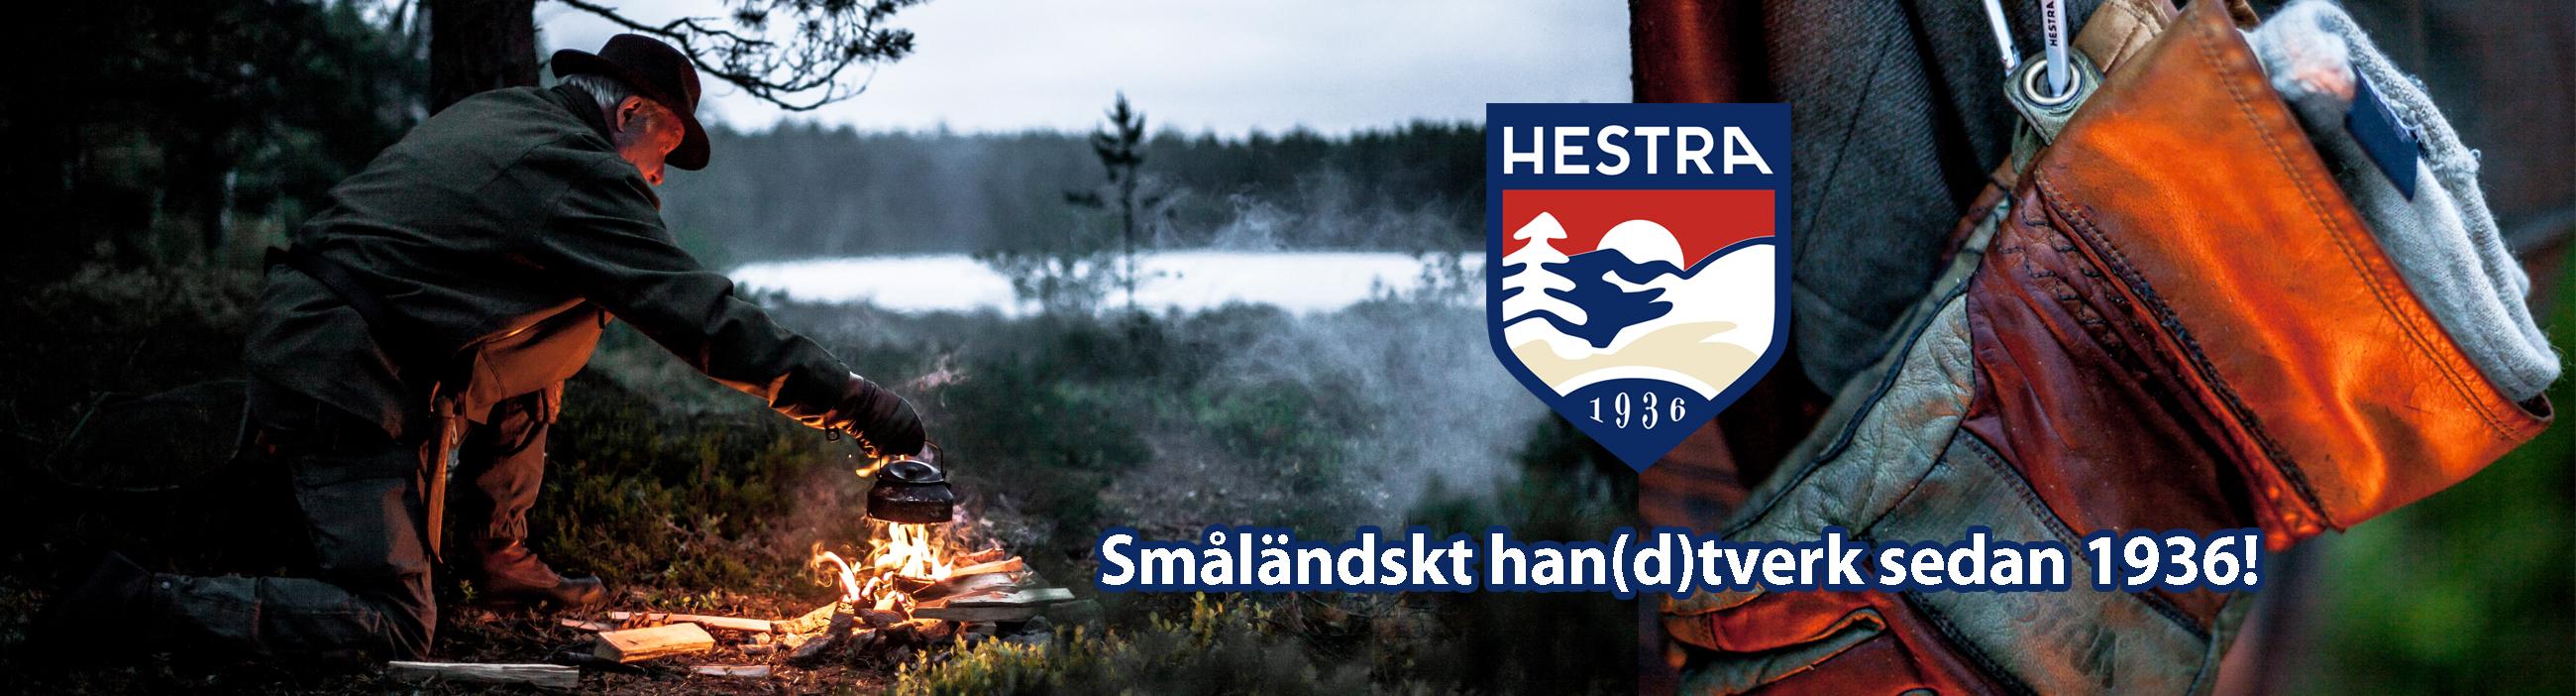 Hestra- slitstarka handskar för ett aktivt friluftsliv